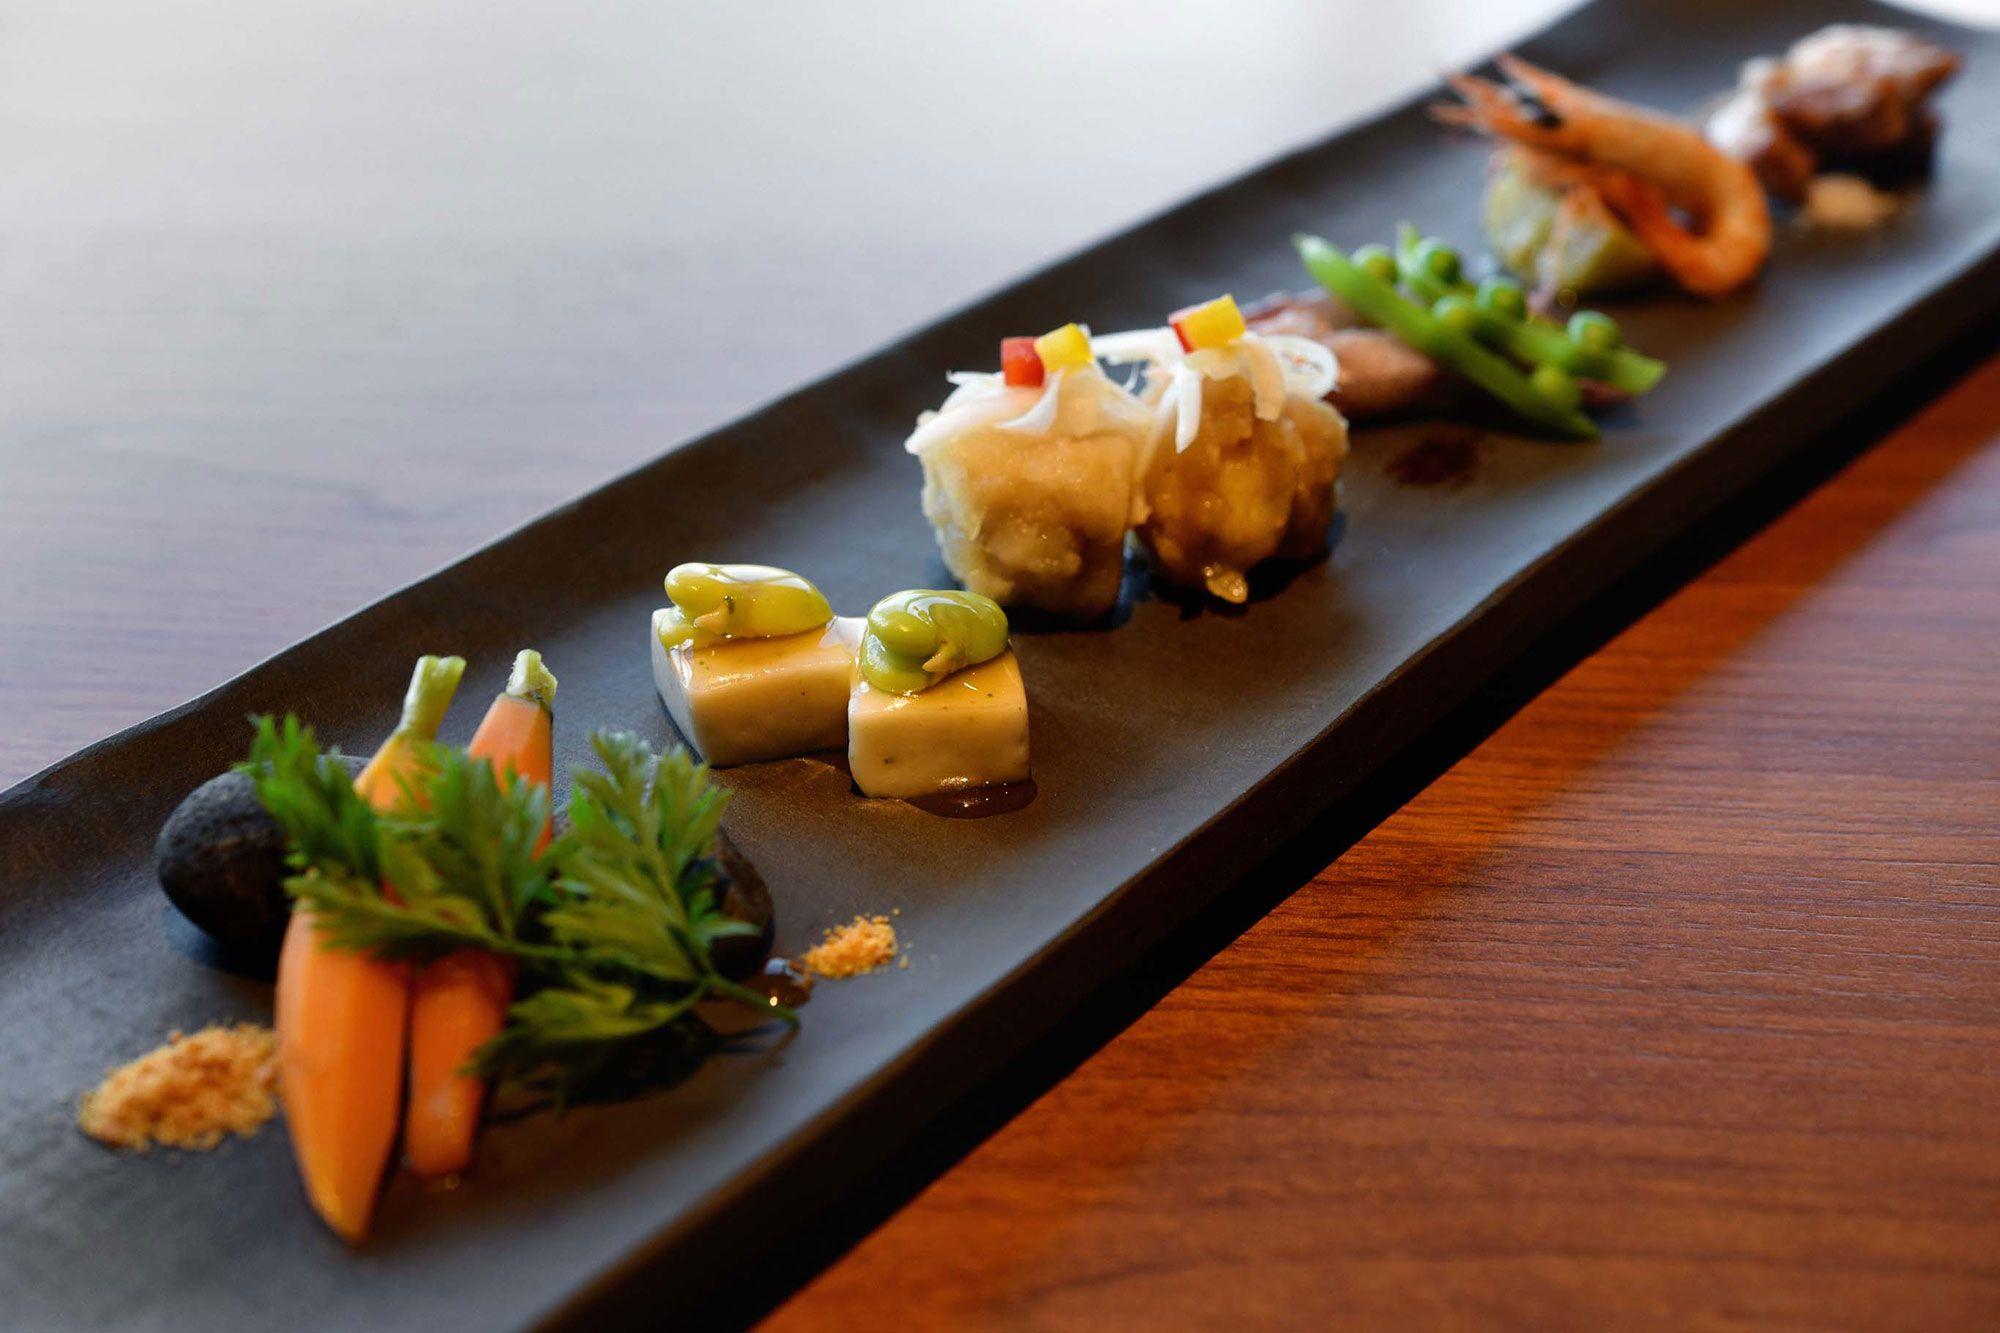 姫人参、オリーブ胡麻豆腐、オリーブ地鶏など島の食材をふんだんに使った前菜の盛り合わせ。